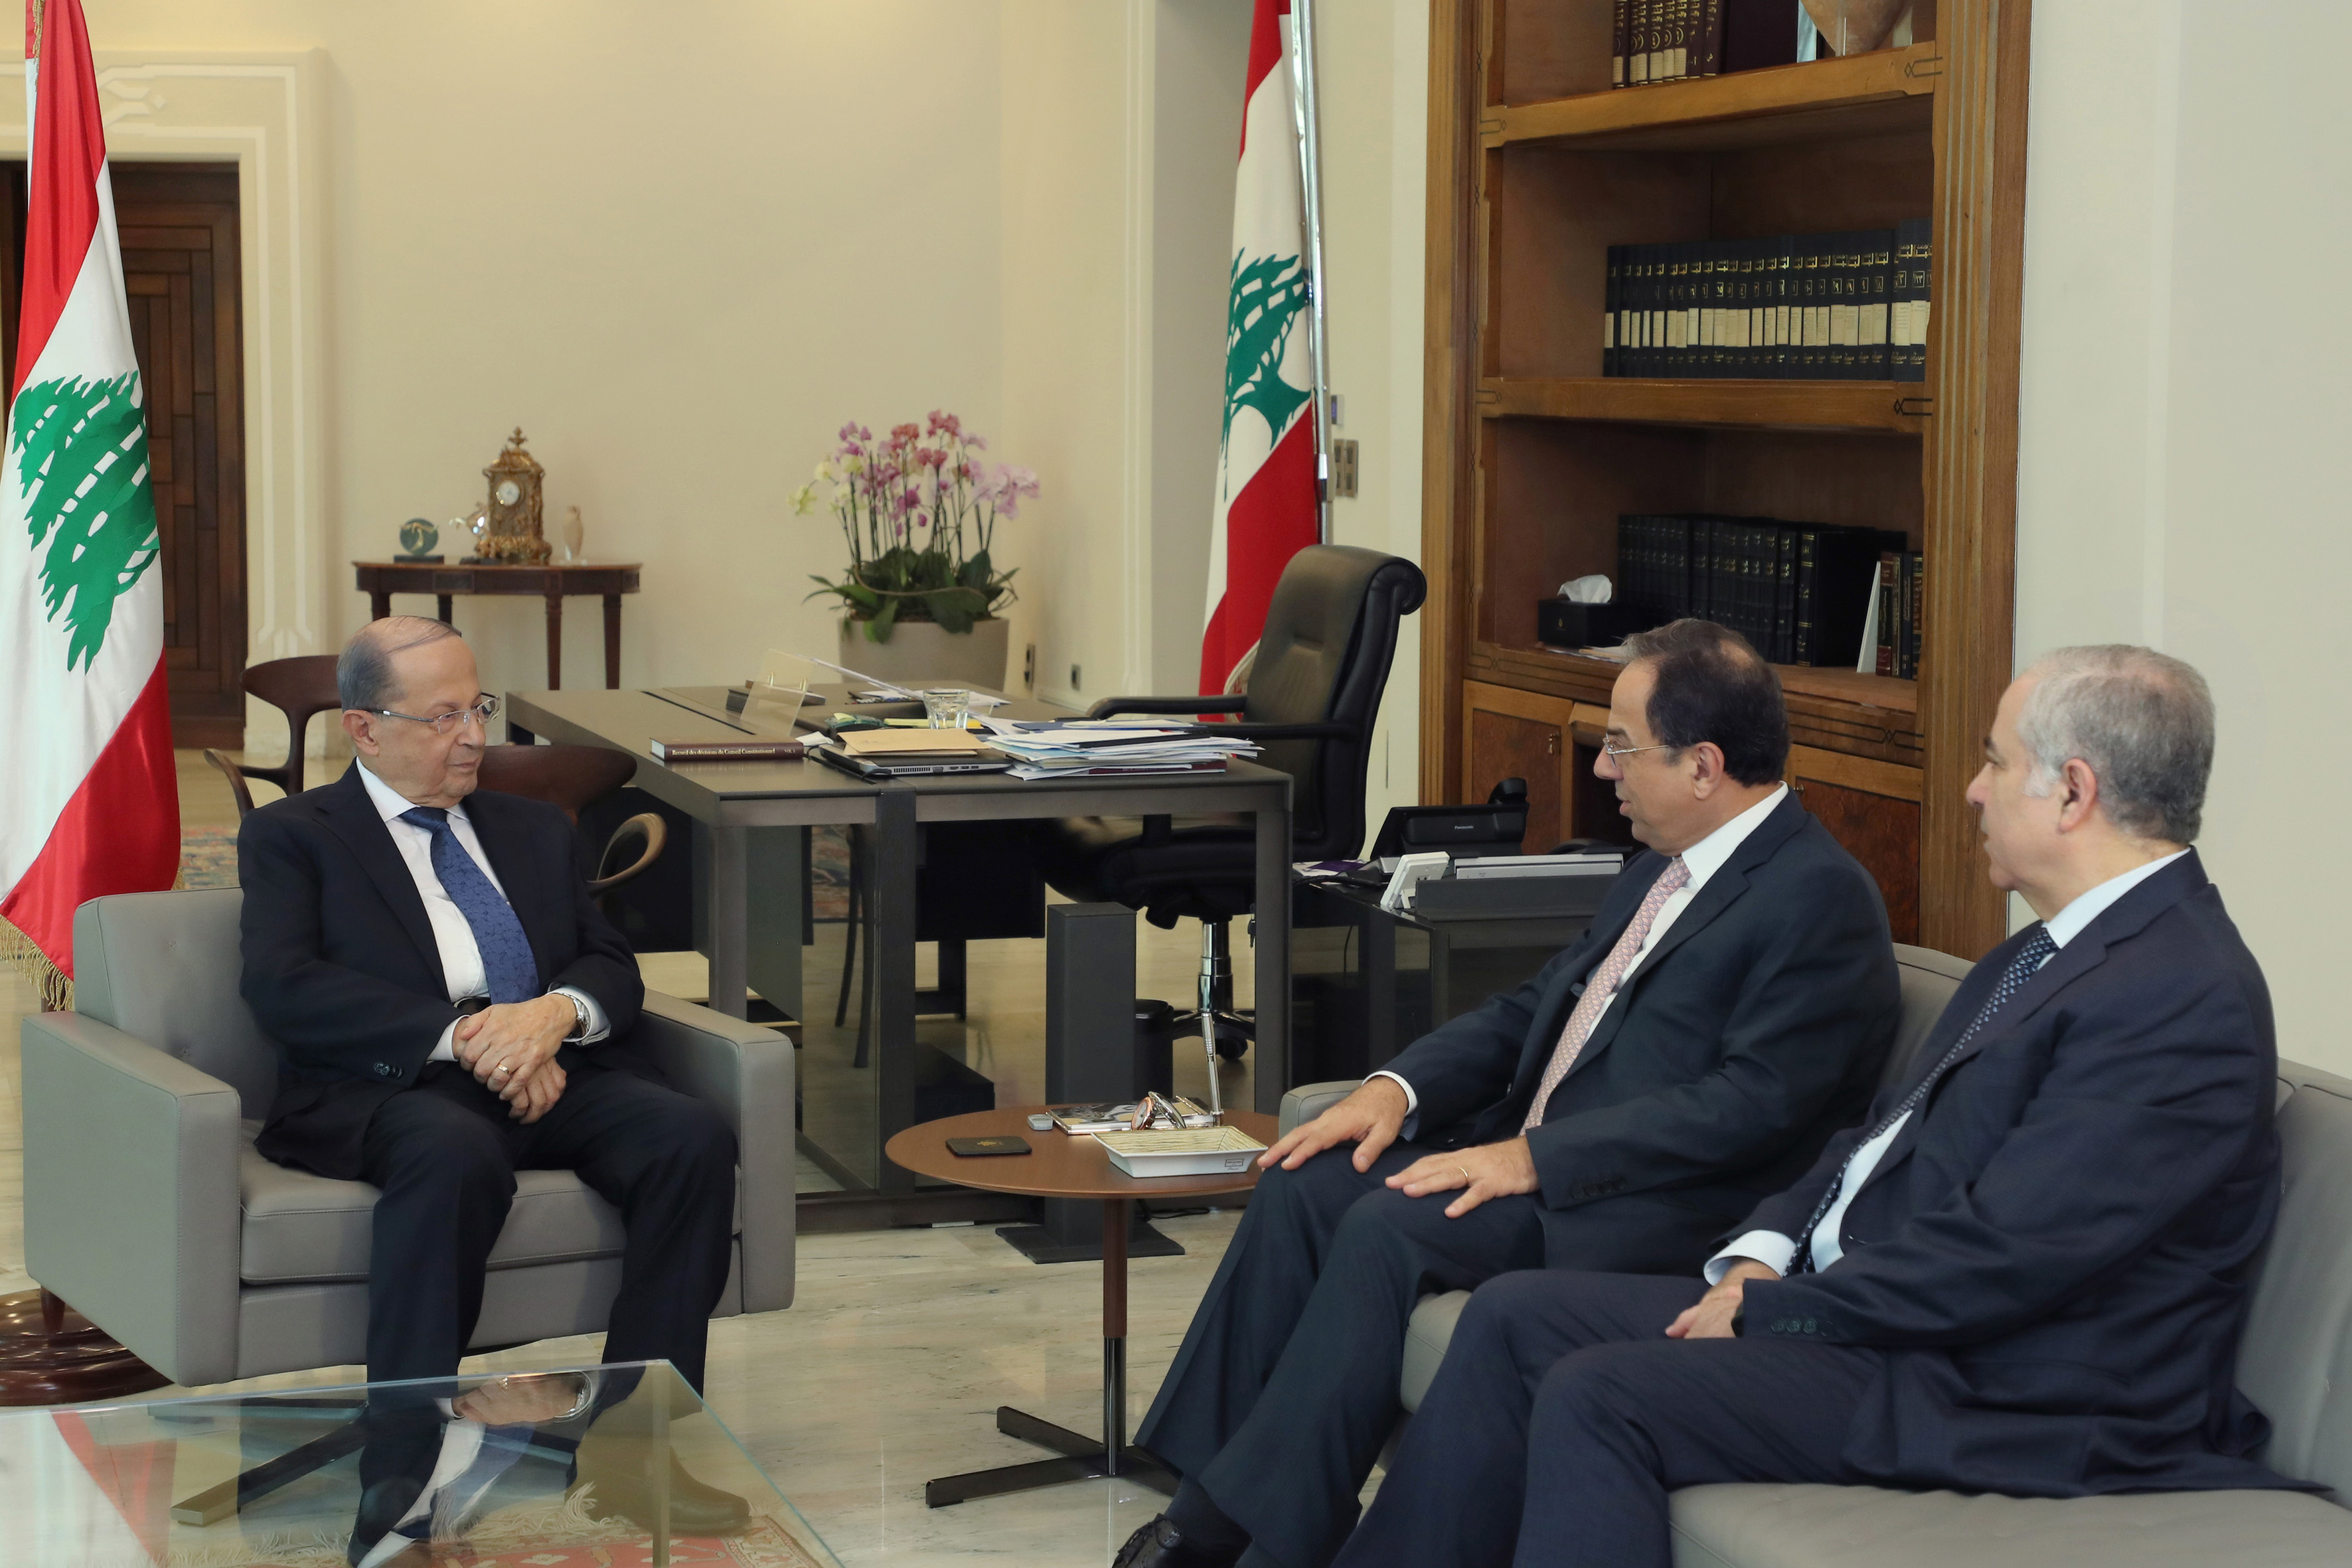 Minister Mansour Bteich